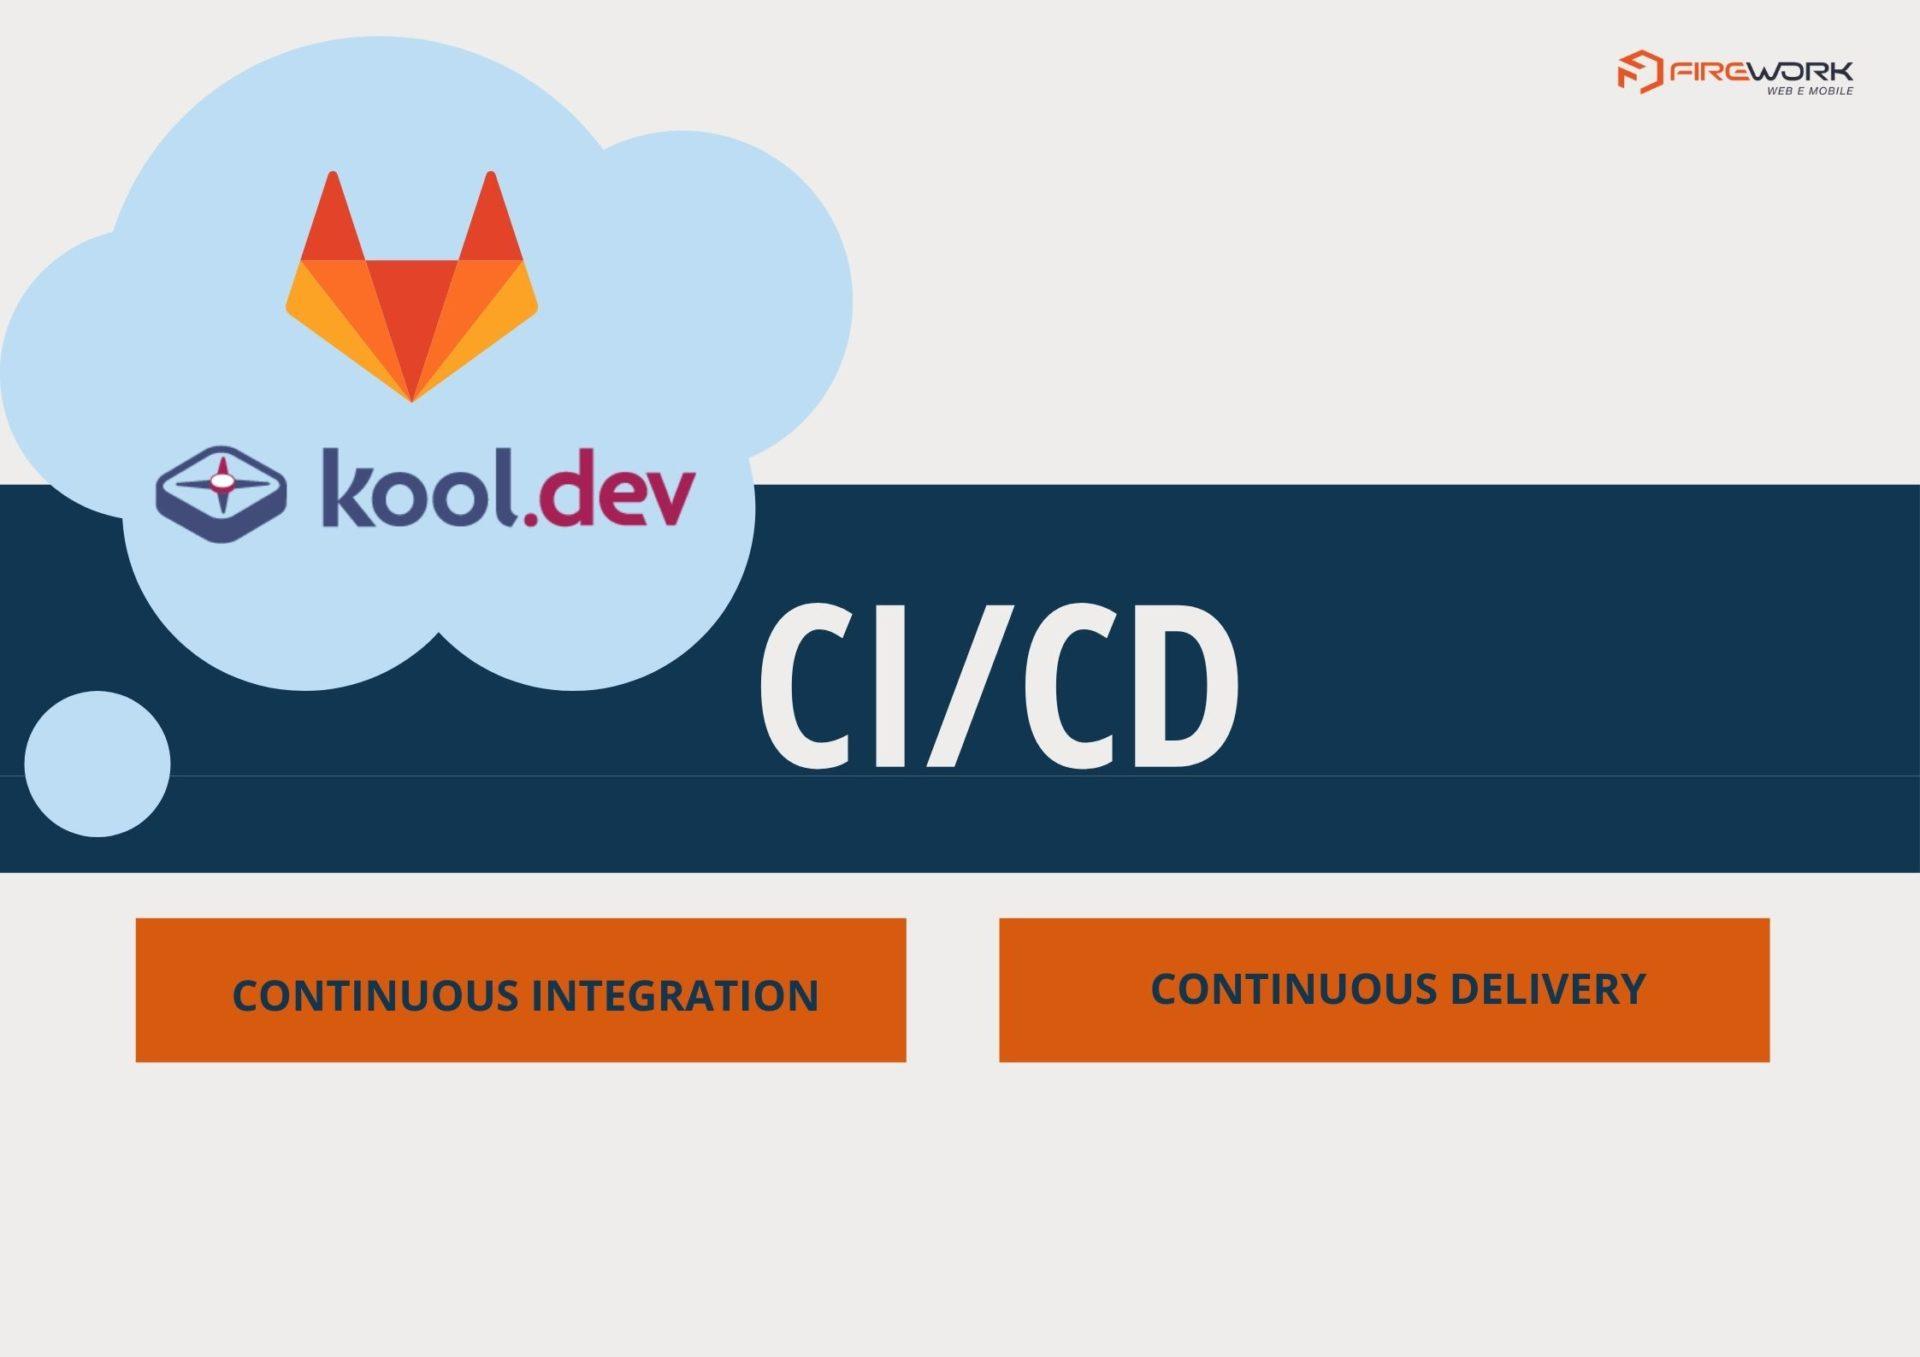 CI/CD